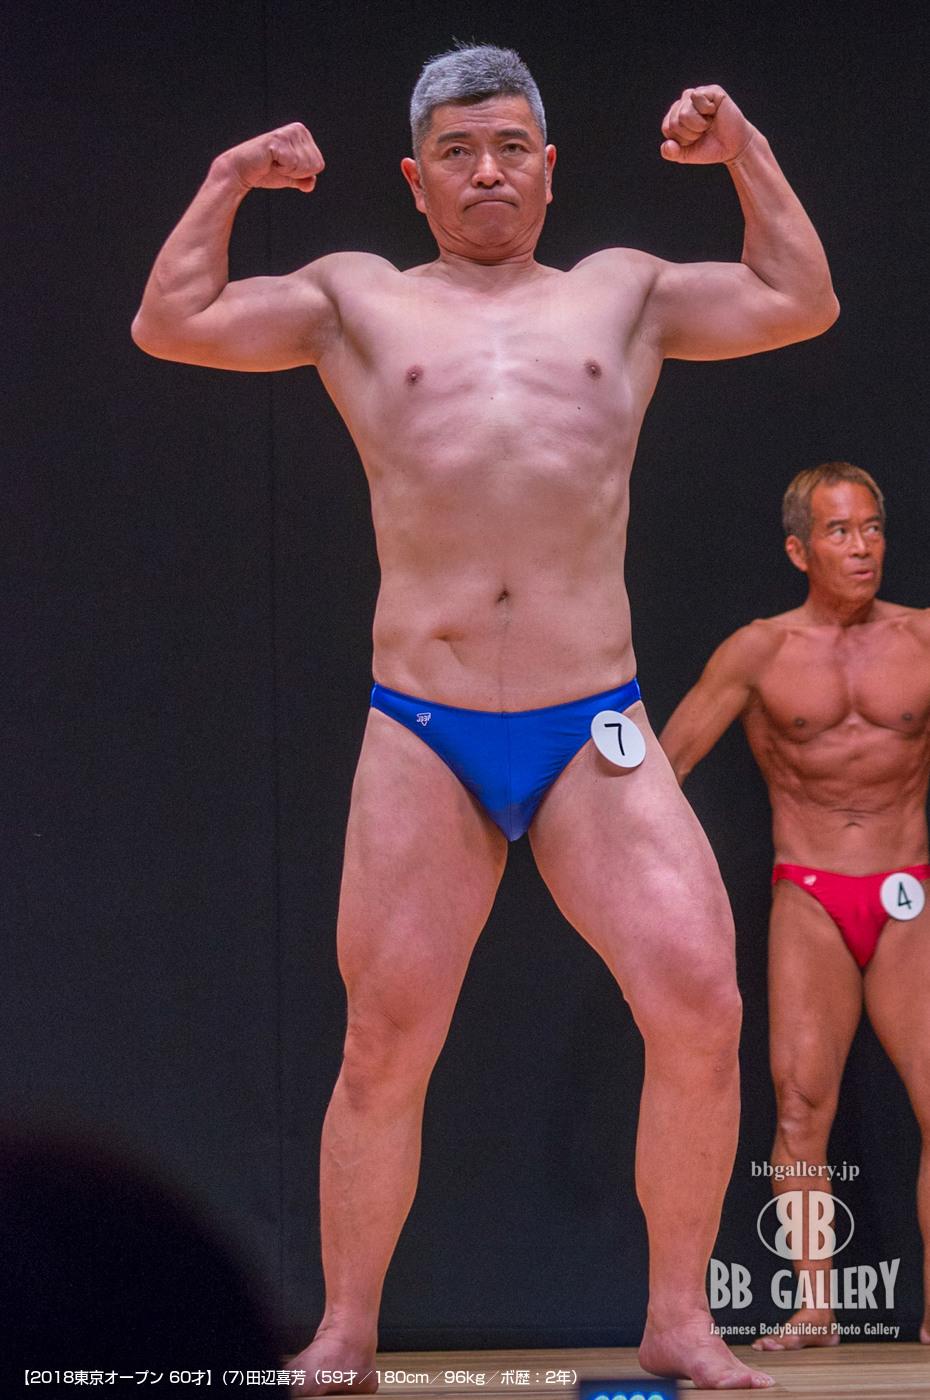 【2018東京オープン 60才】(7)田辺喜芳(59才/180cm/96kg/ボ歴:2年)